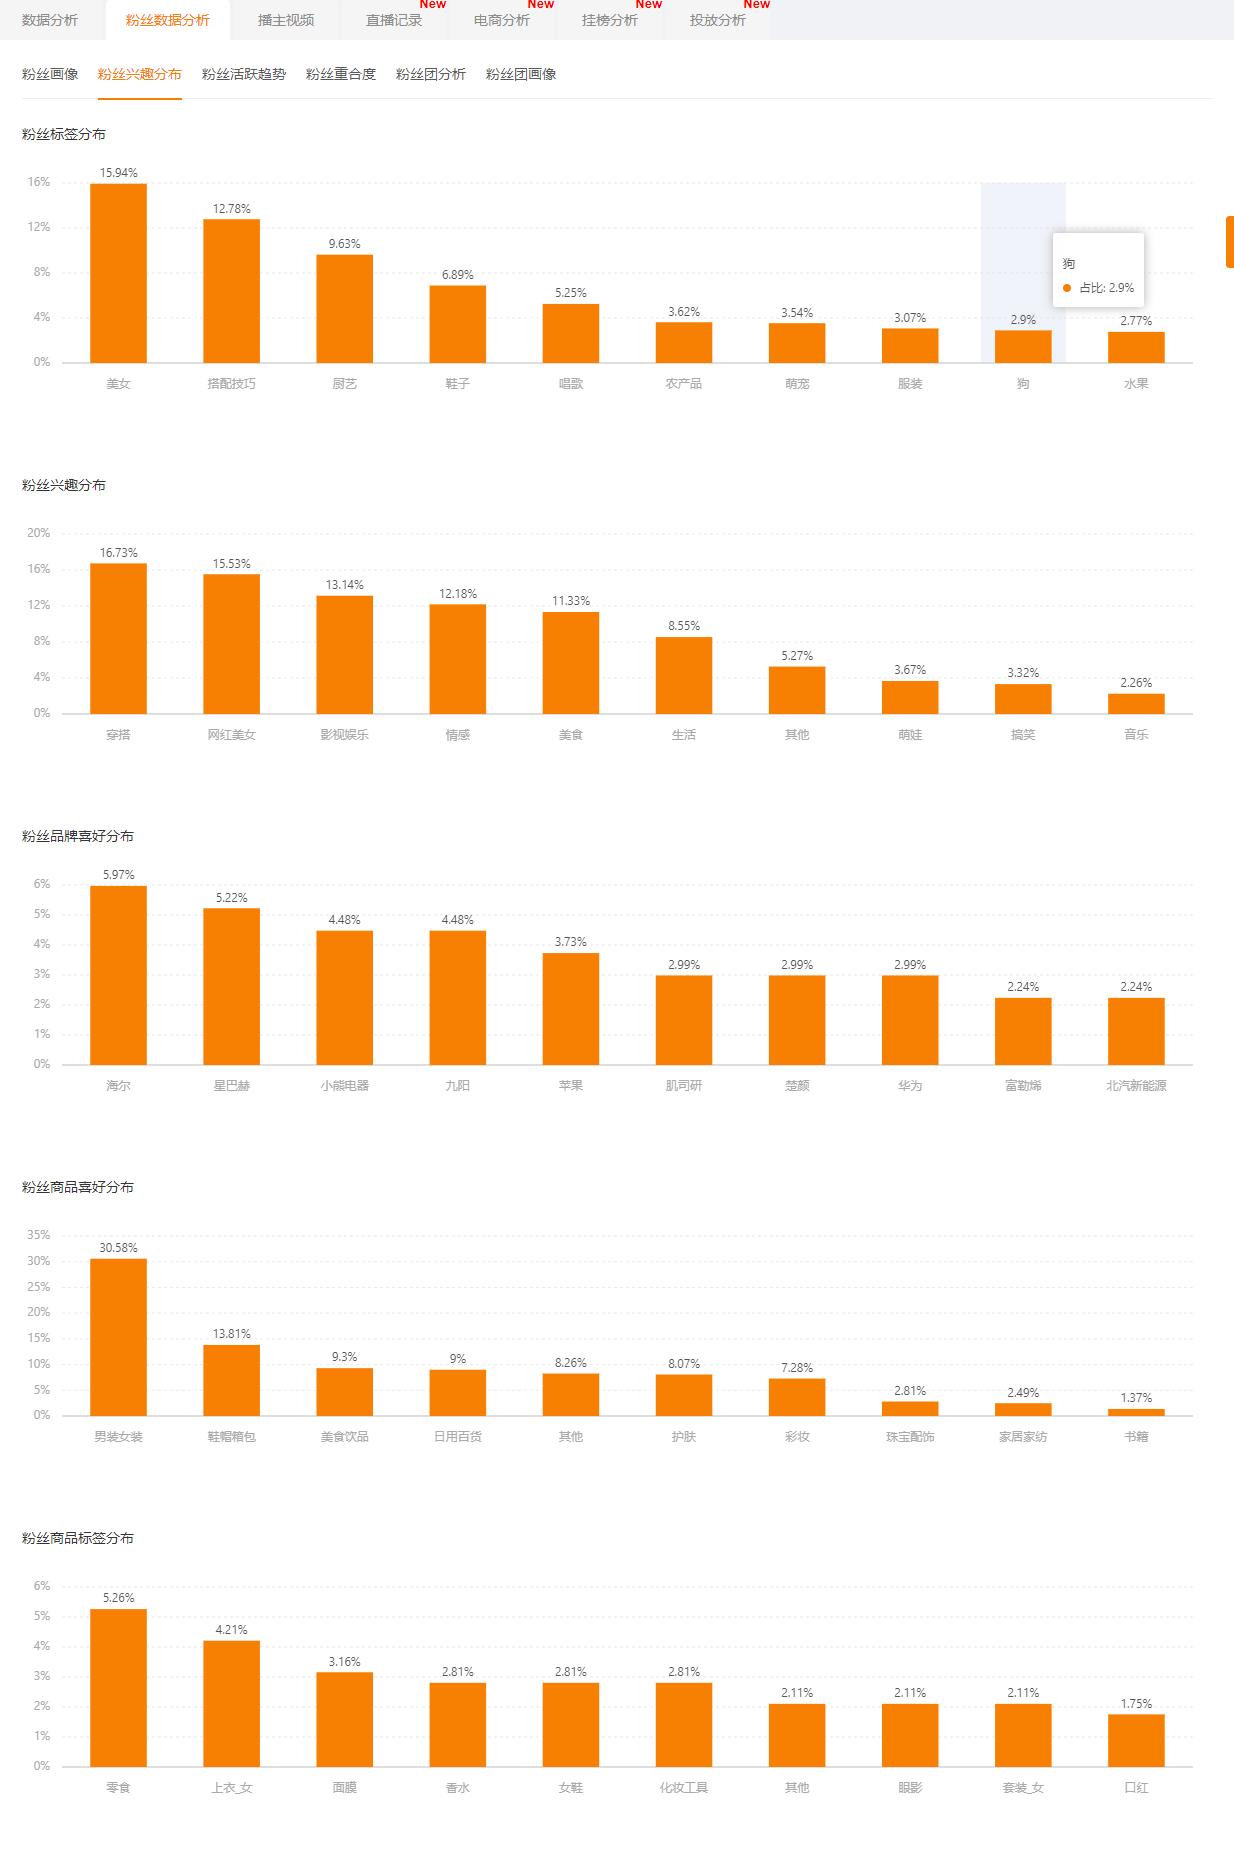 飞瓜快手-粉丝数据分析-粉丝兴趣分布